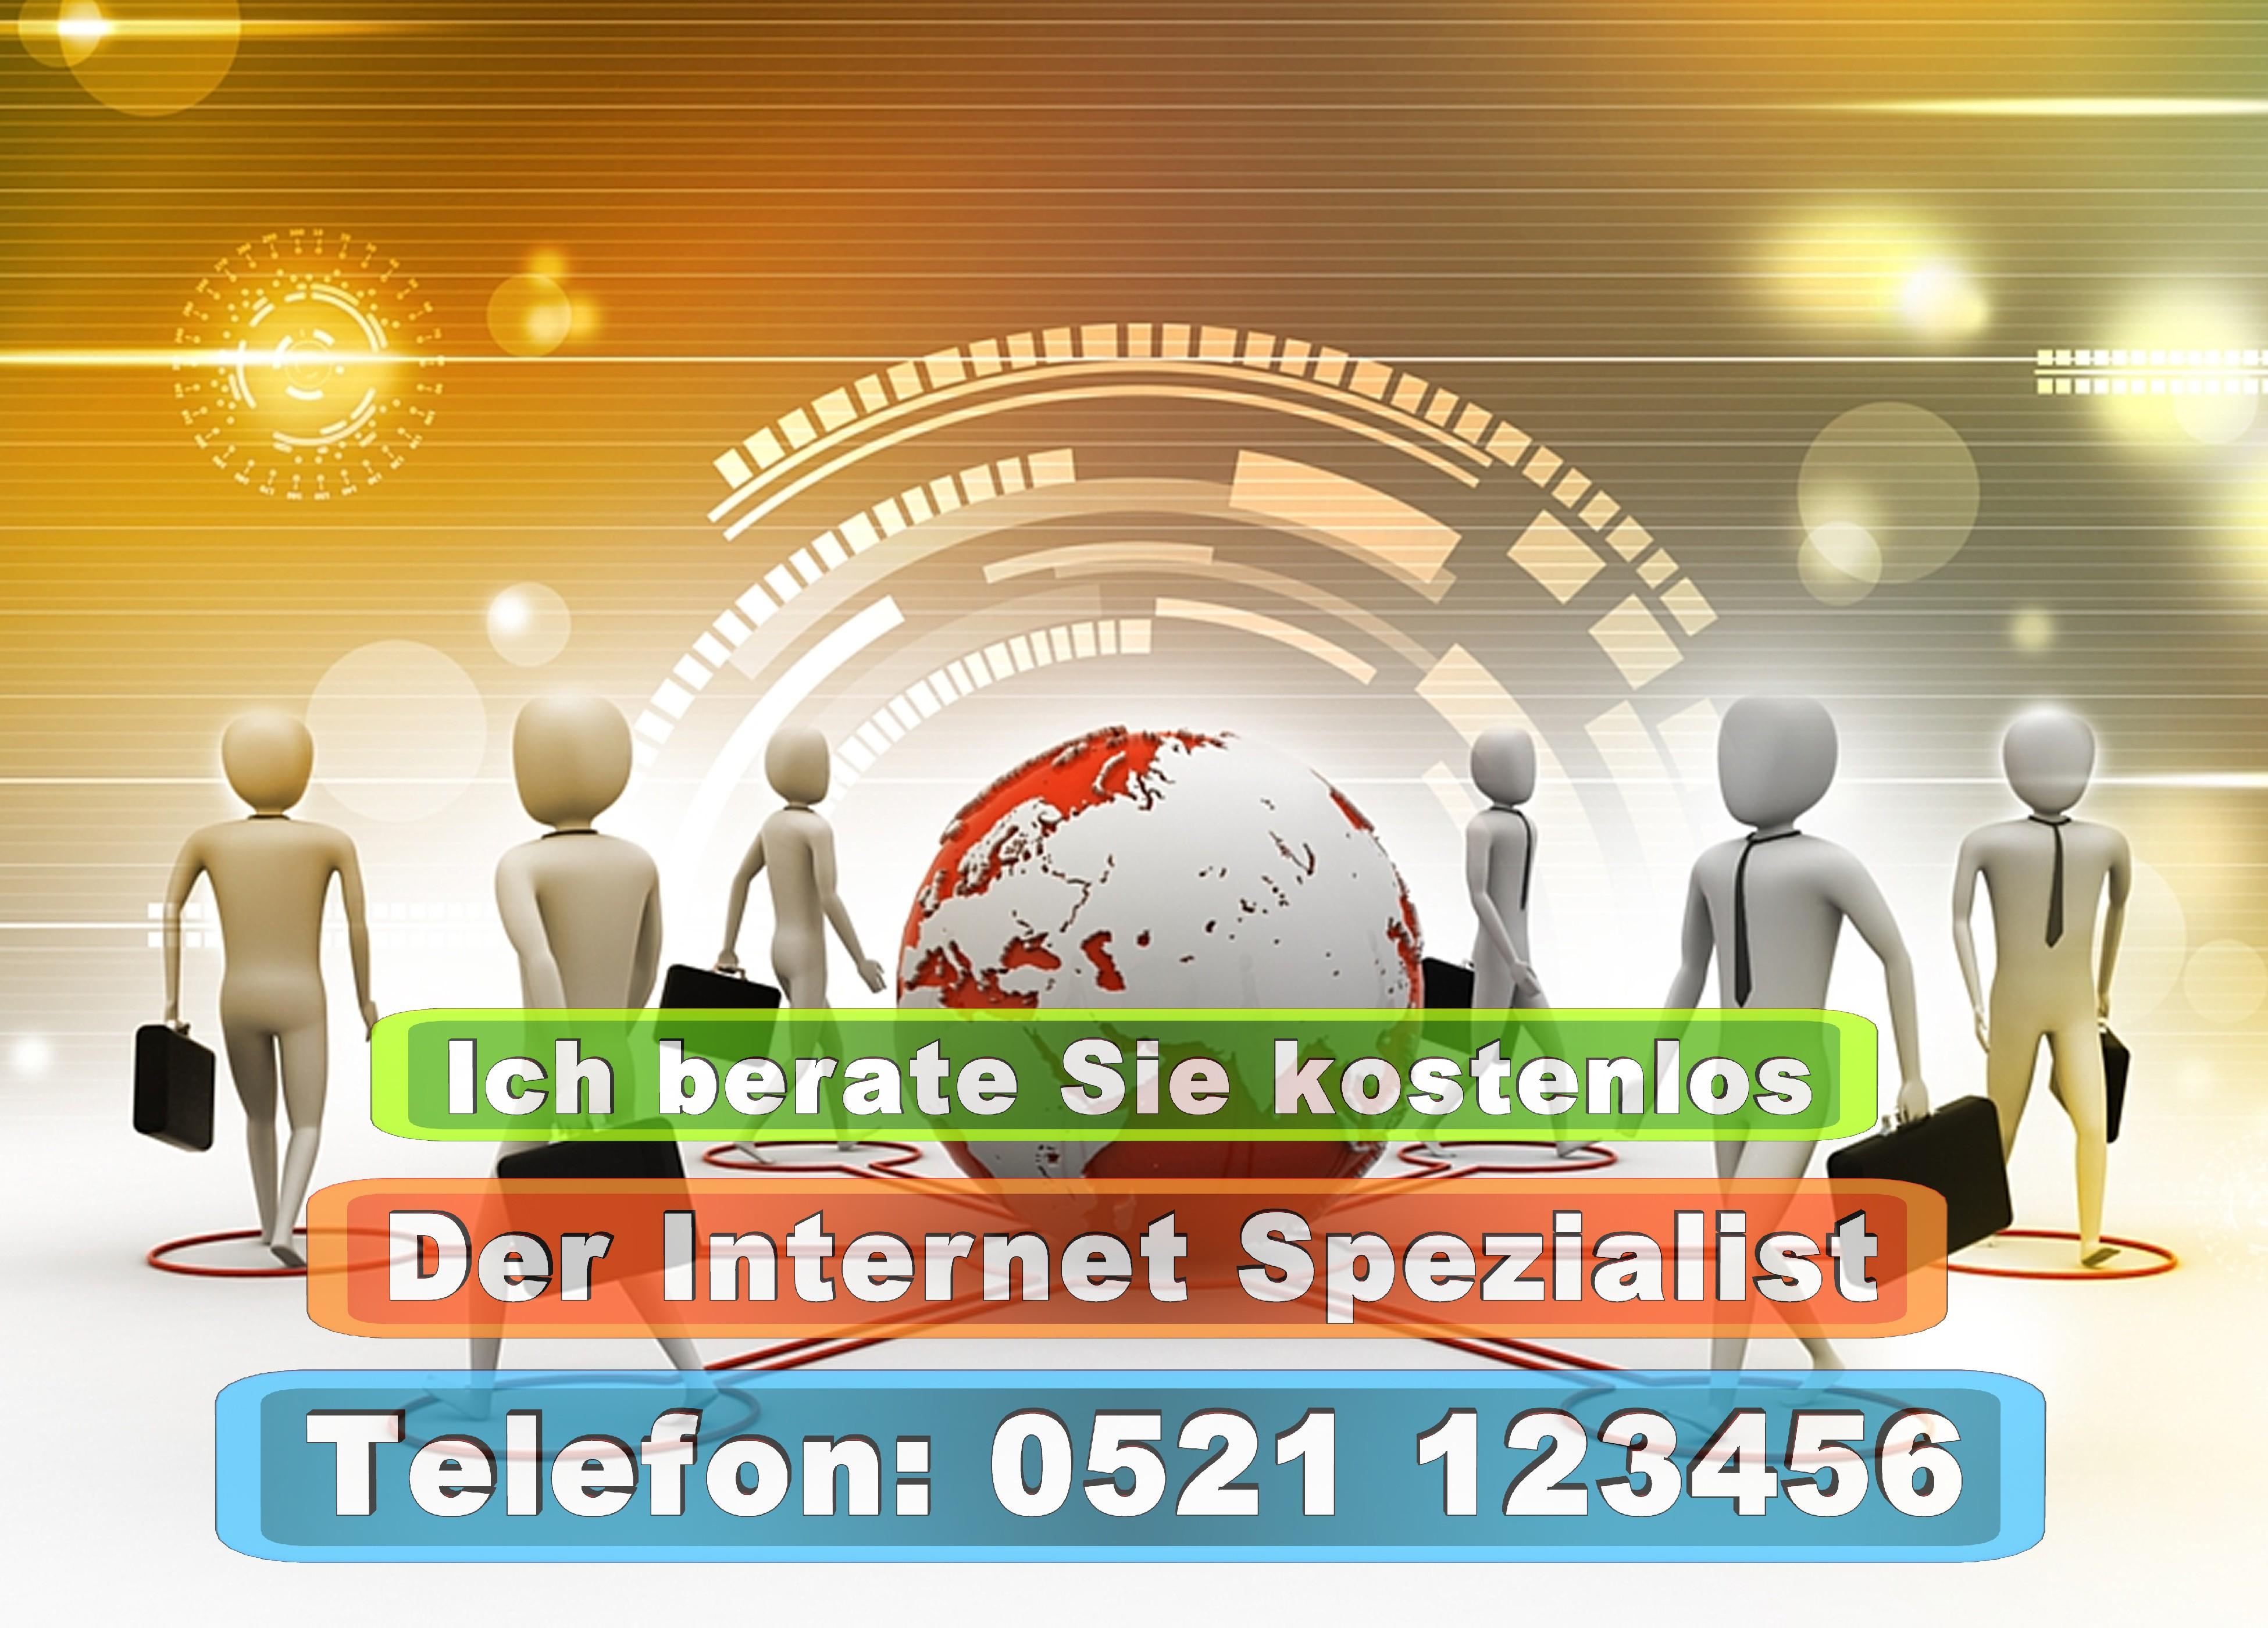 Werbeagentur Bielefeld Druckerei Bielefeld Prospekte Zeitung Visitenkarten Poster Werbung Print Presse Druck Fotografie Fotos Internet (16)